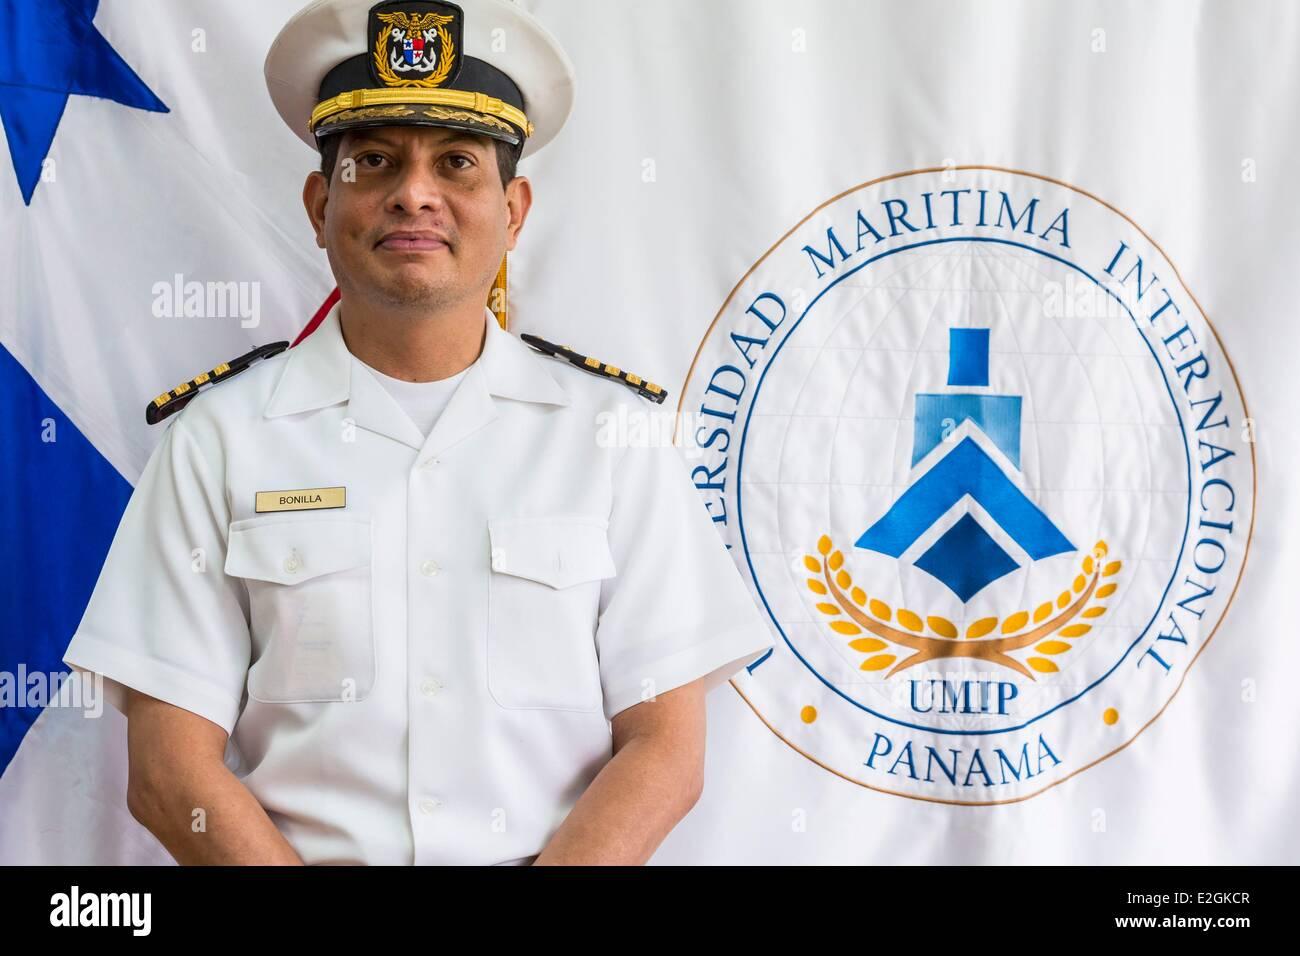 Panama Panama City Albrook Universidad Maritima Internacional de Panama (UMIP) forming Officers' marime captain - Stock Image